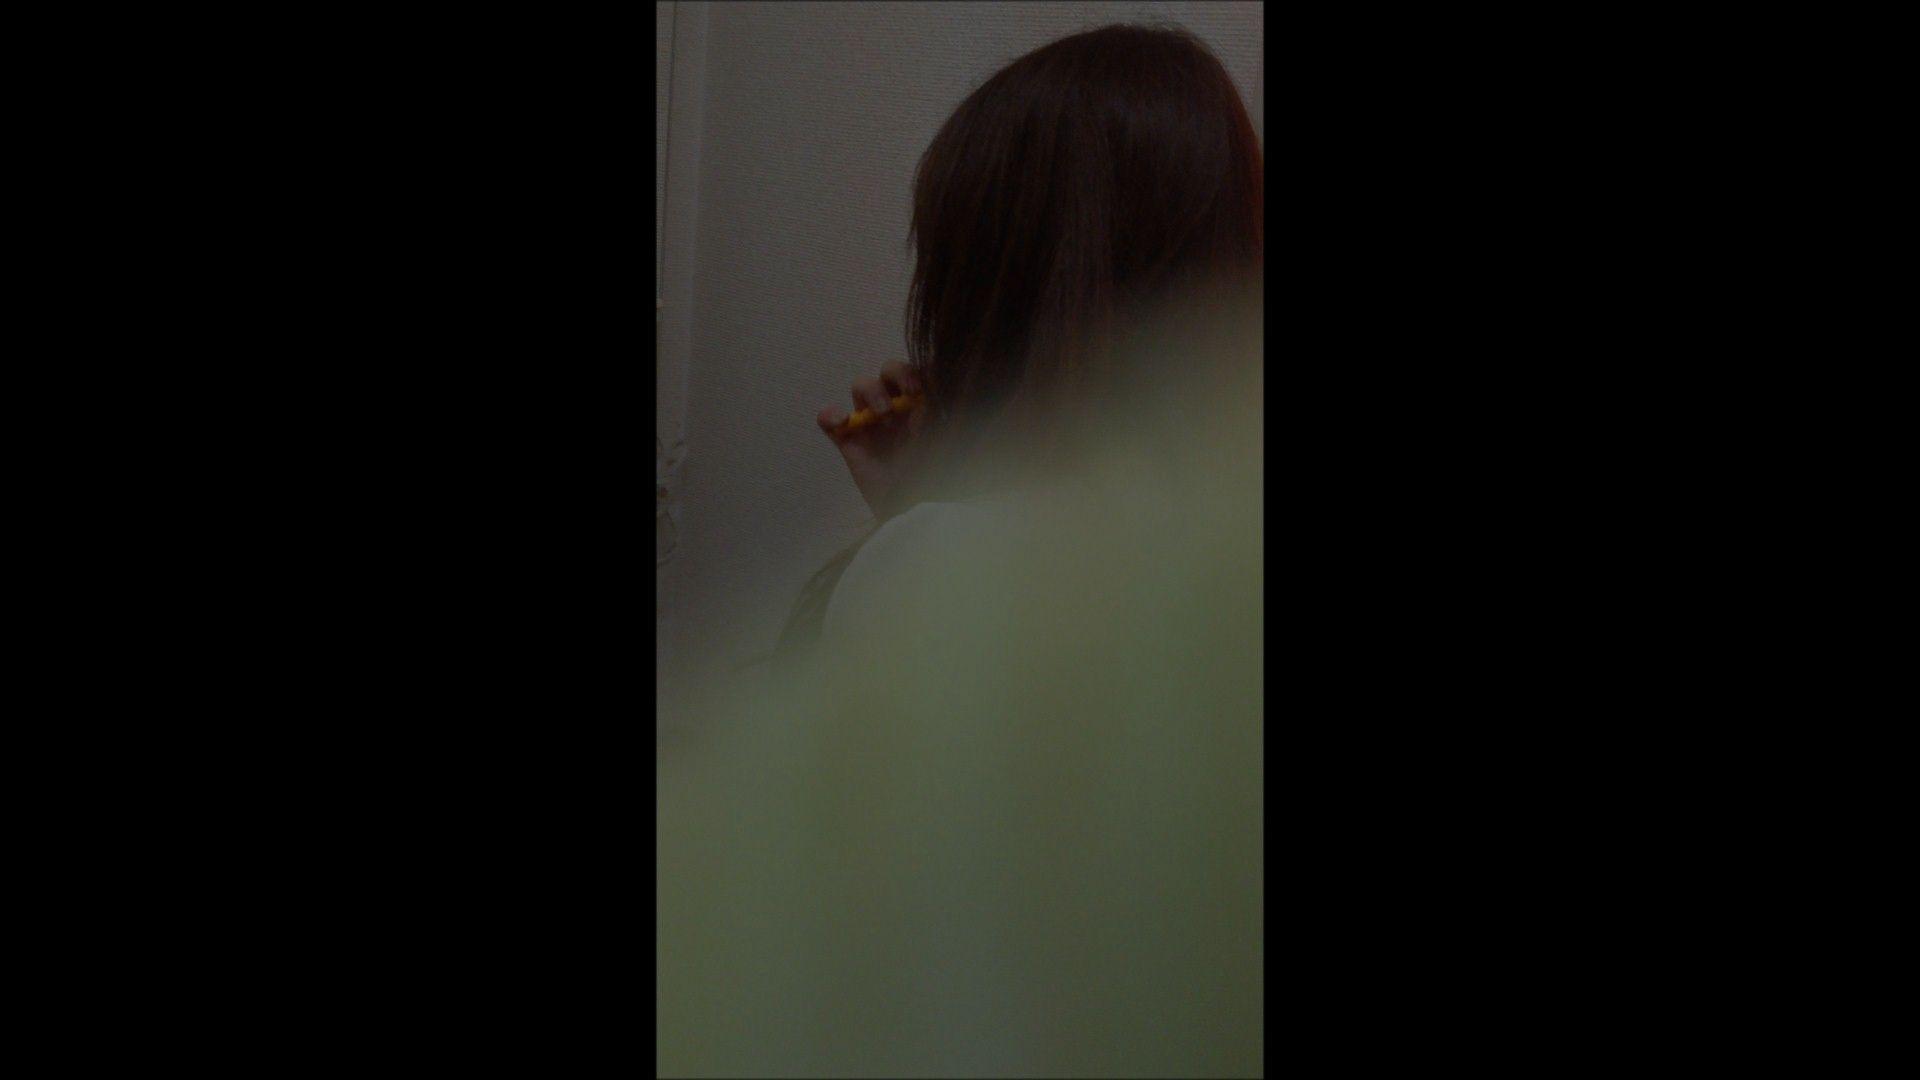 08(8日目)メイク中の彼女の顔を撮りました! マンコ特集 | オマンコ丸見え  59連発 8